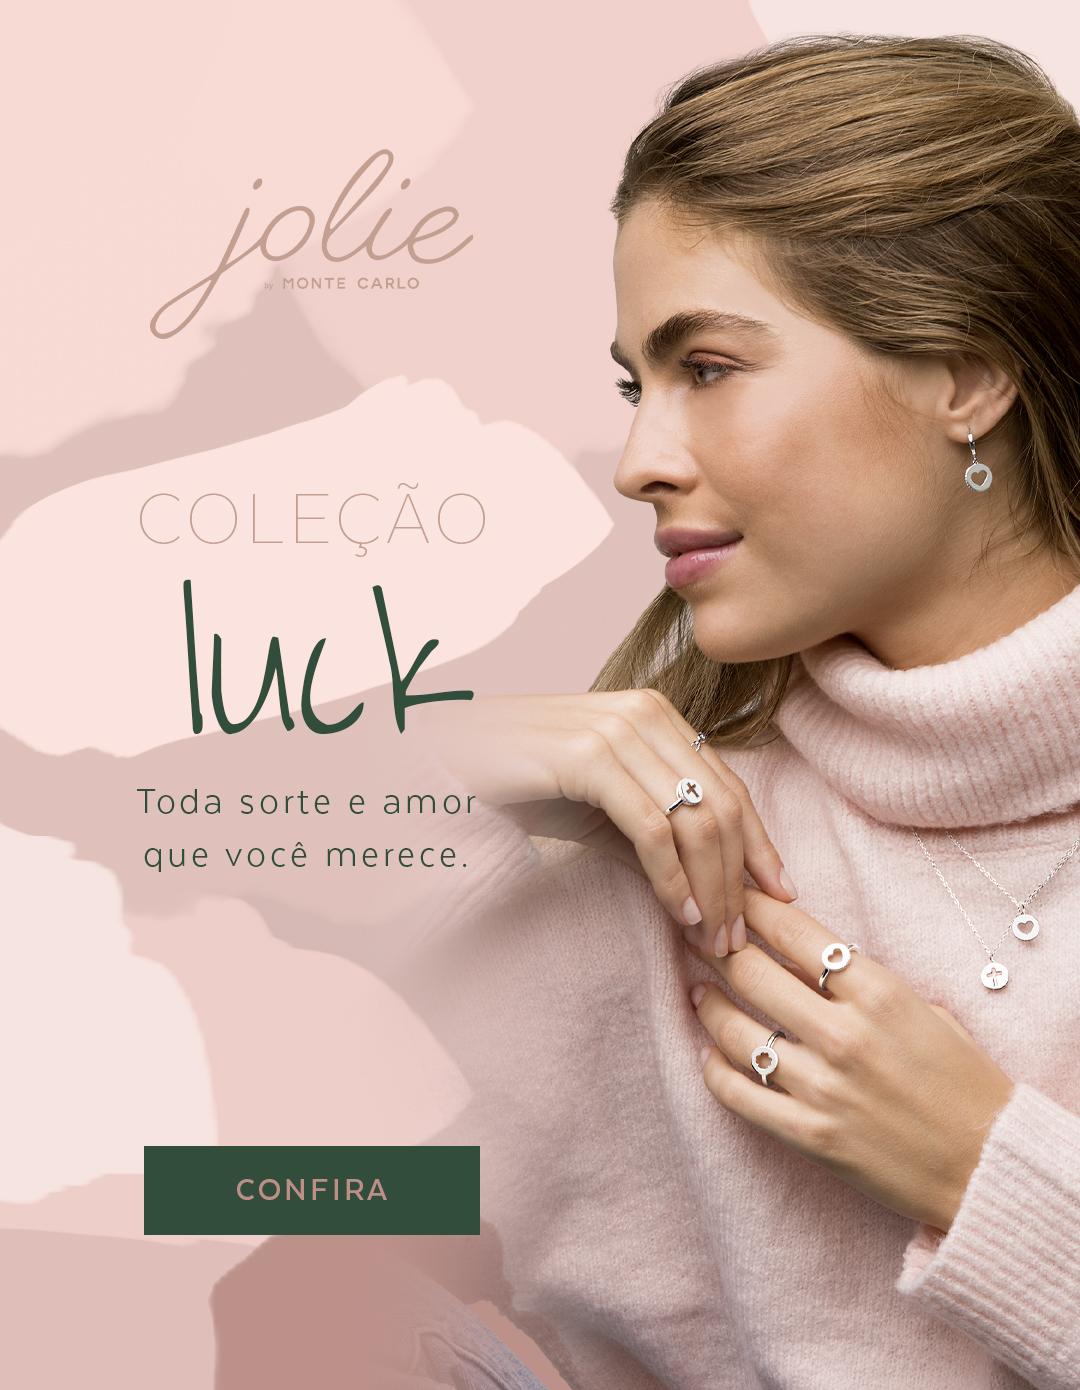 jolie luck2